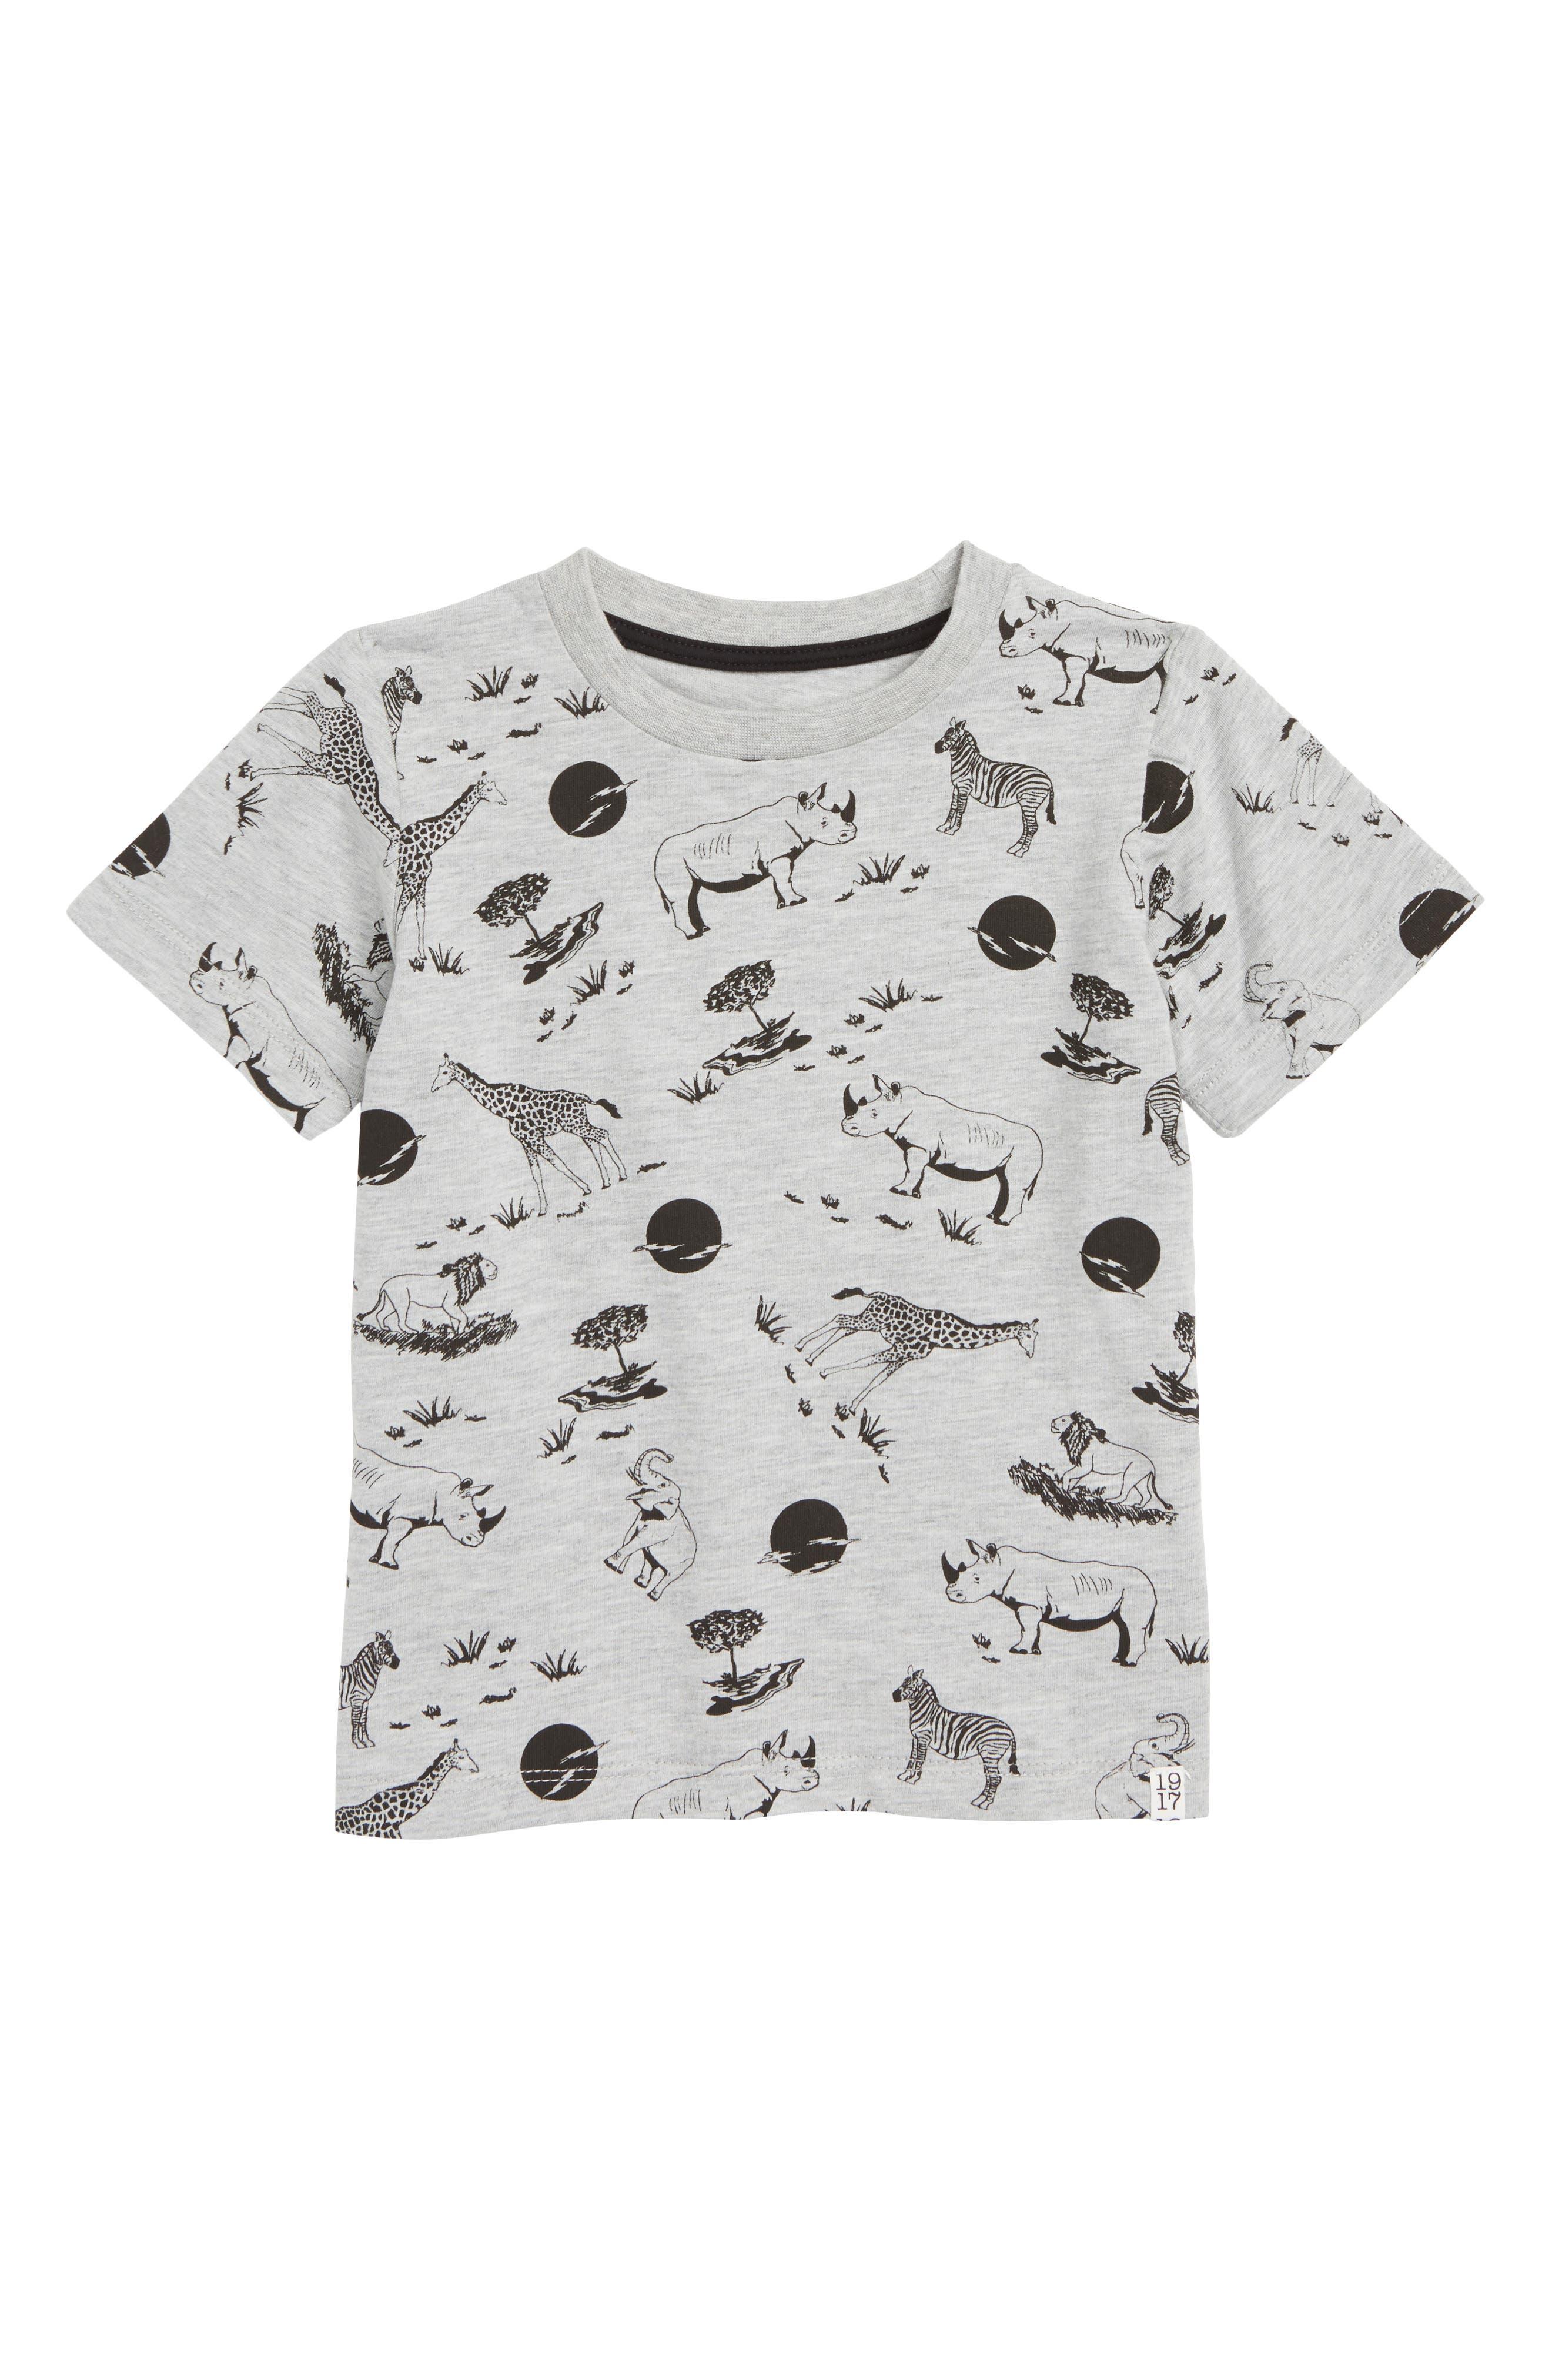 Loy T-Shirt,                         Main,                         color, 020